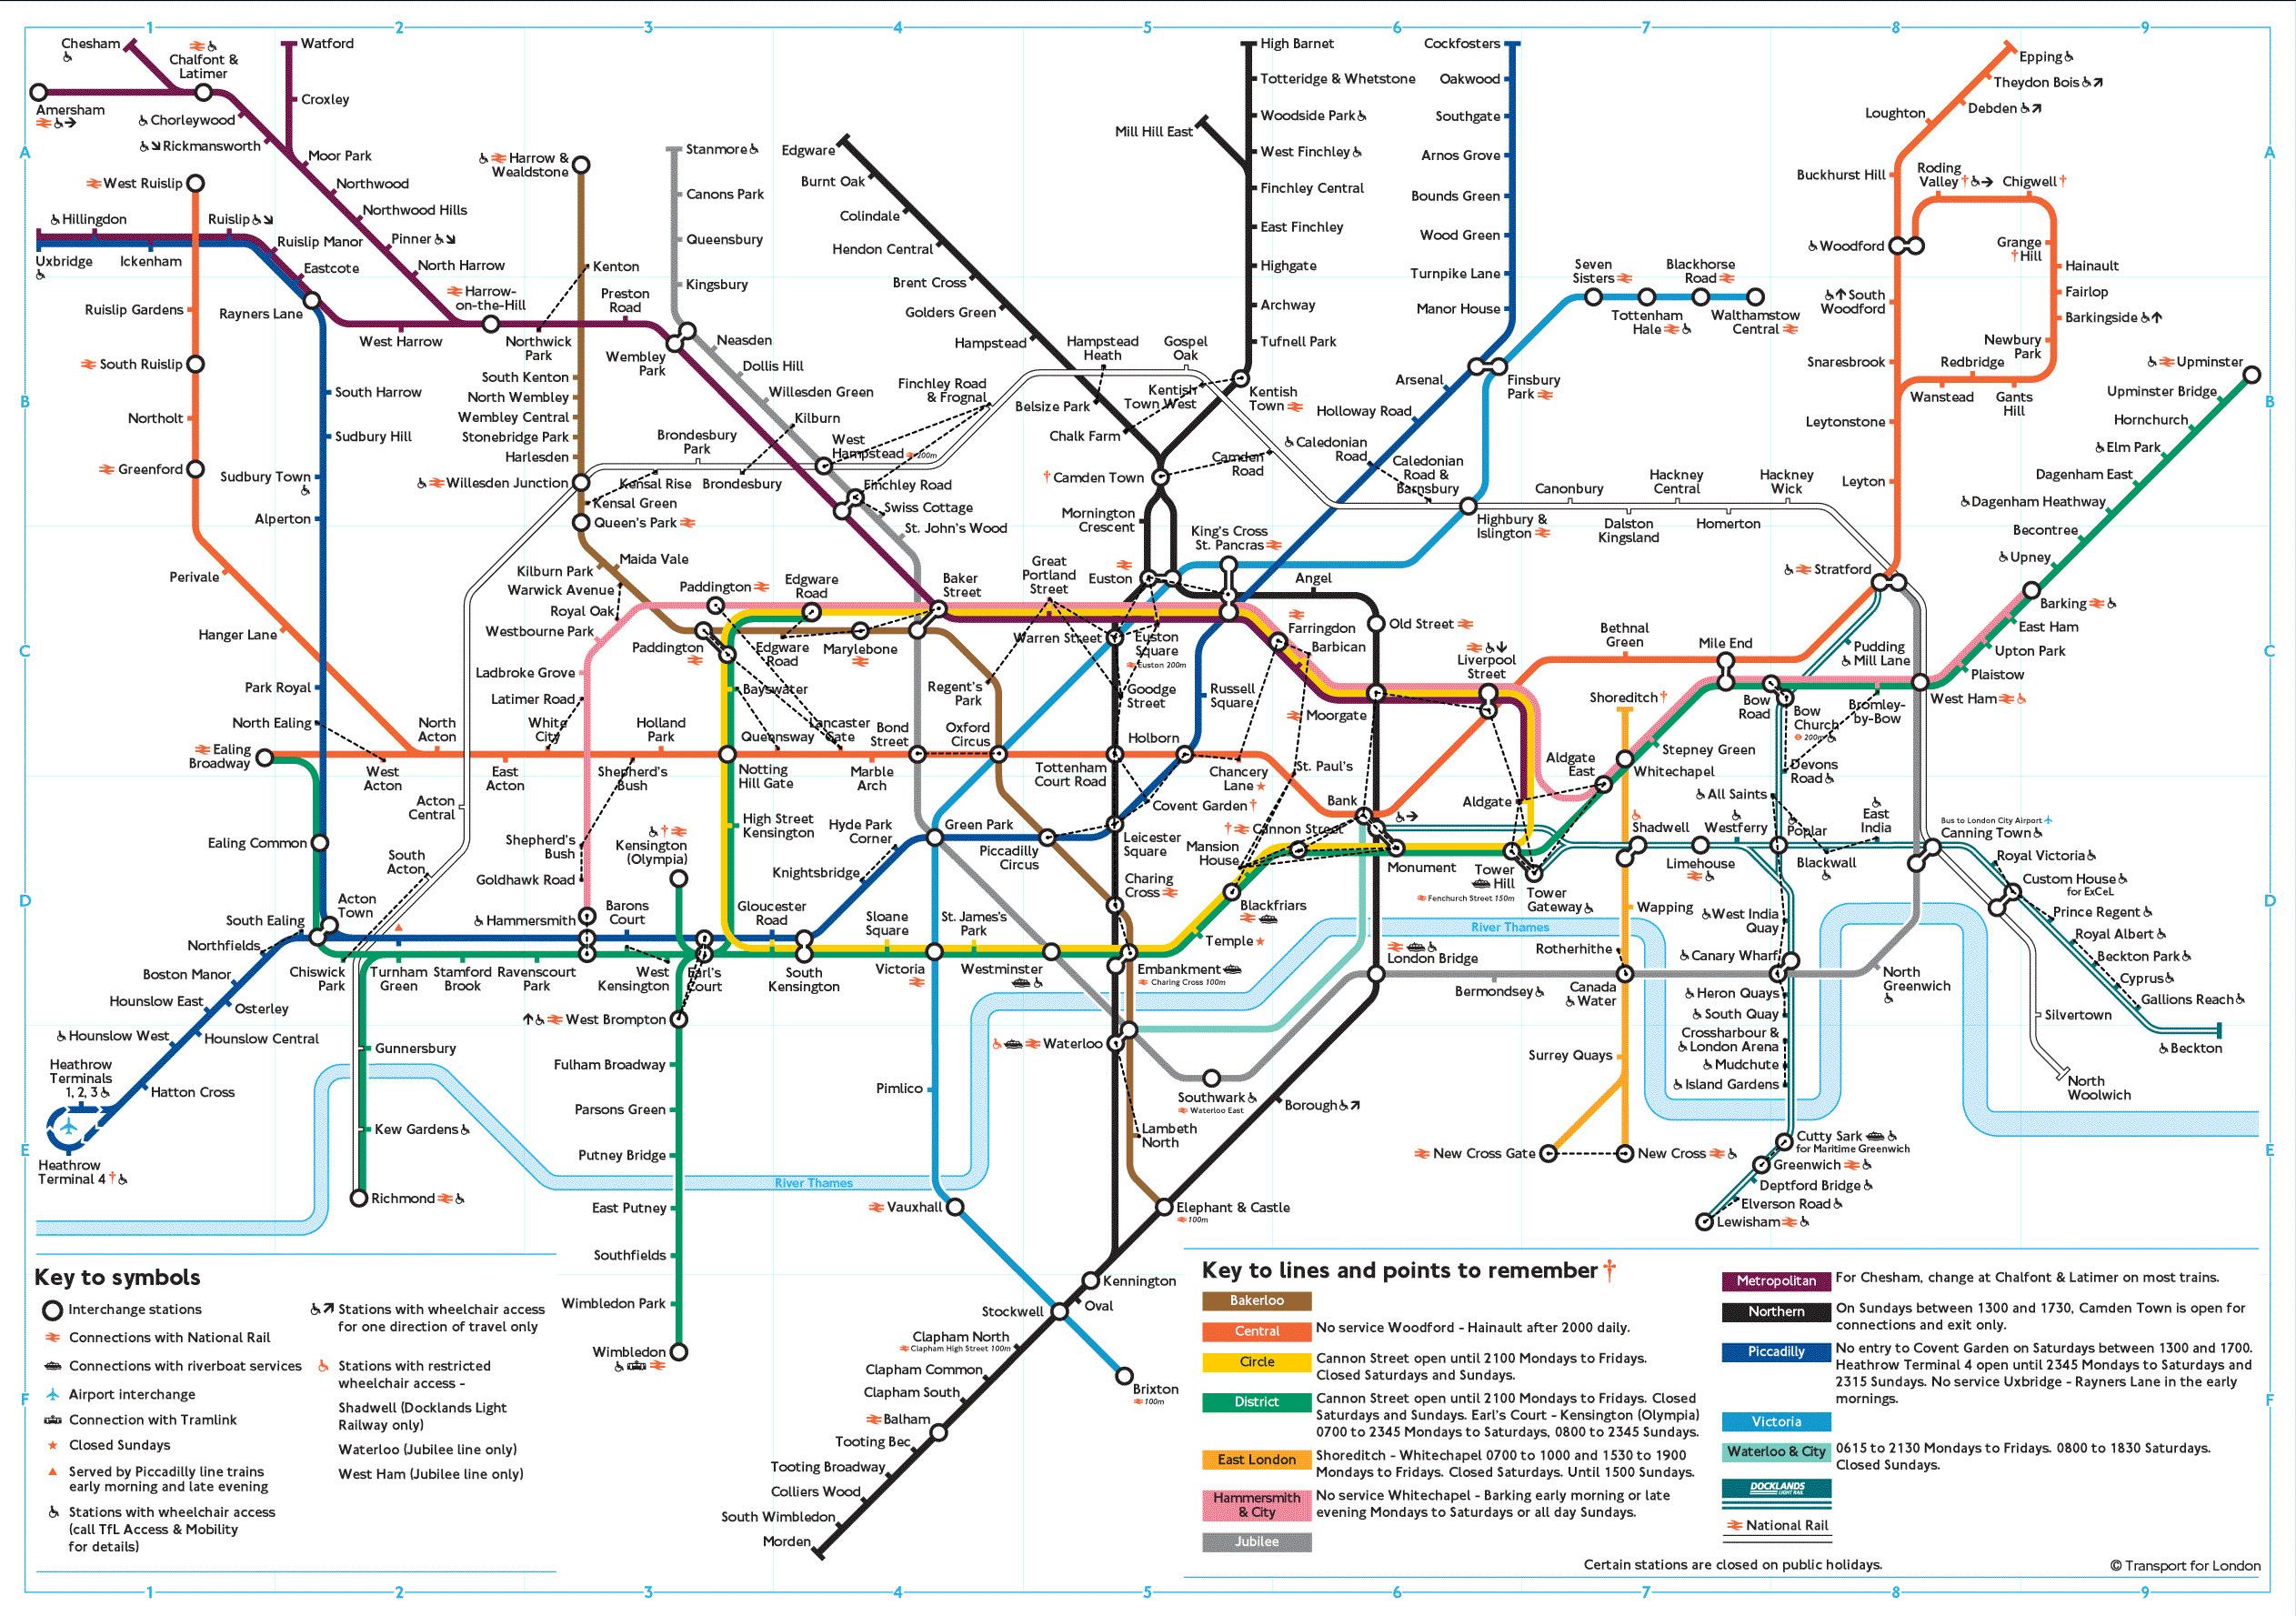 Mapy Londynu Szczegolowa Mapa Londynu W Jezyku Angielskim Mapy